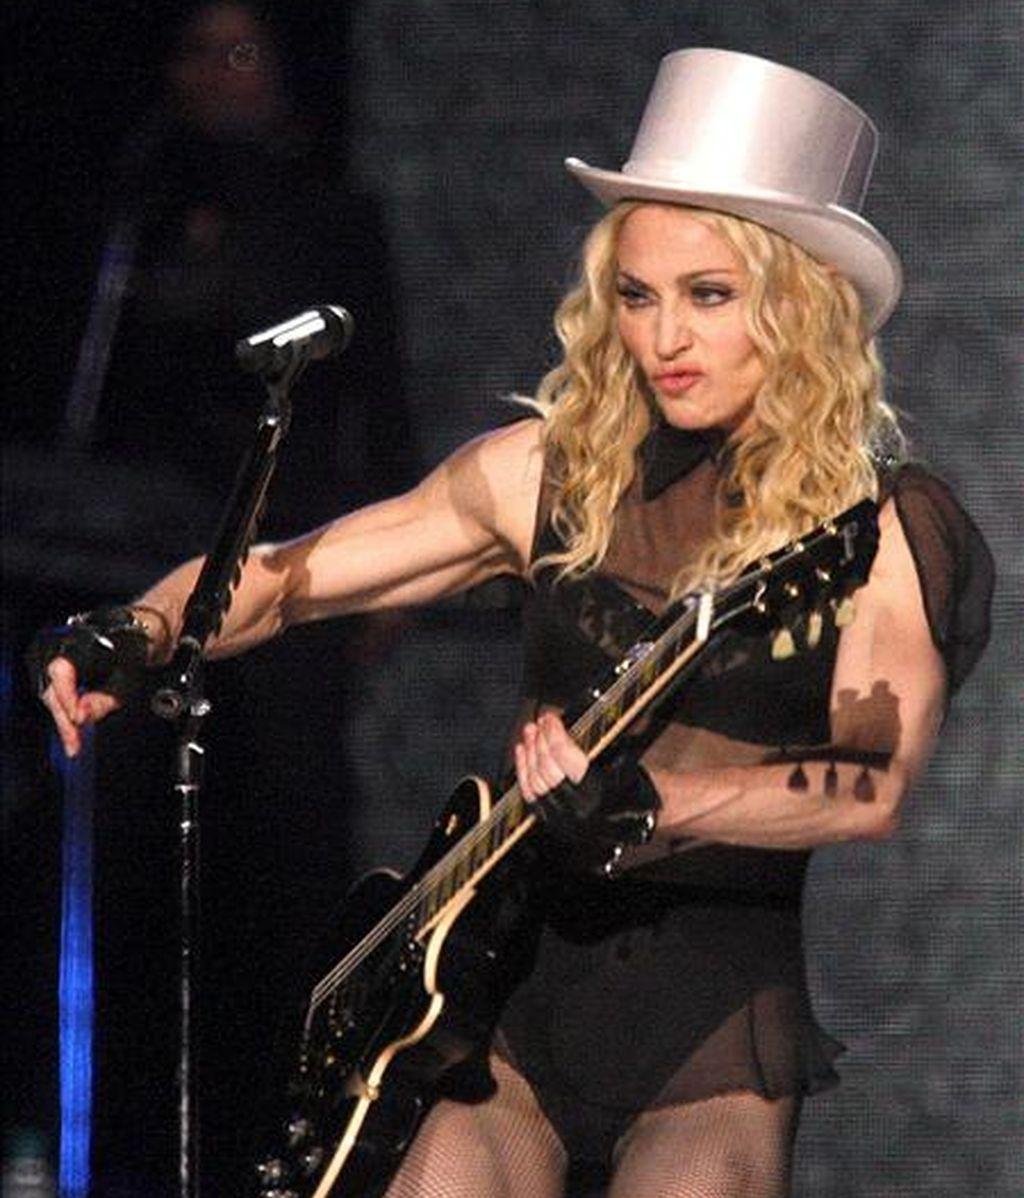 La cantante estadounidense Madonna durante un concierto en Viena (Austria). EFE/Archivo